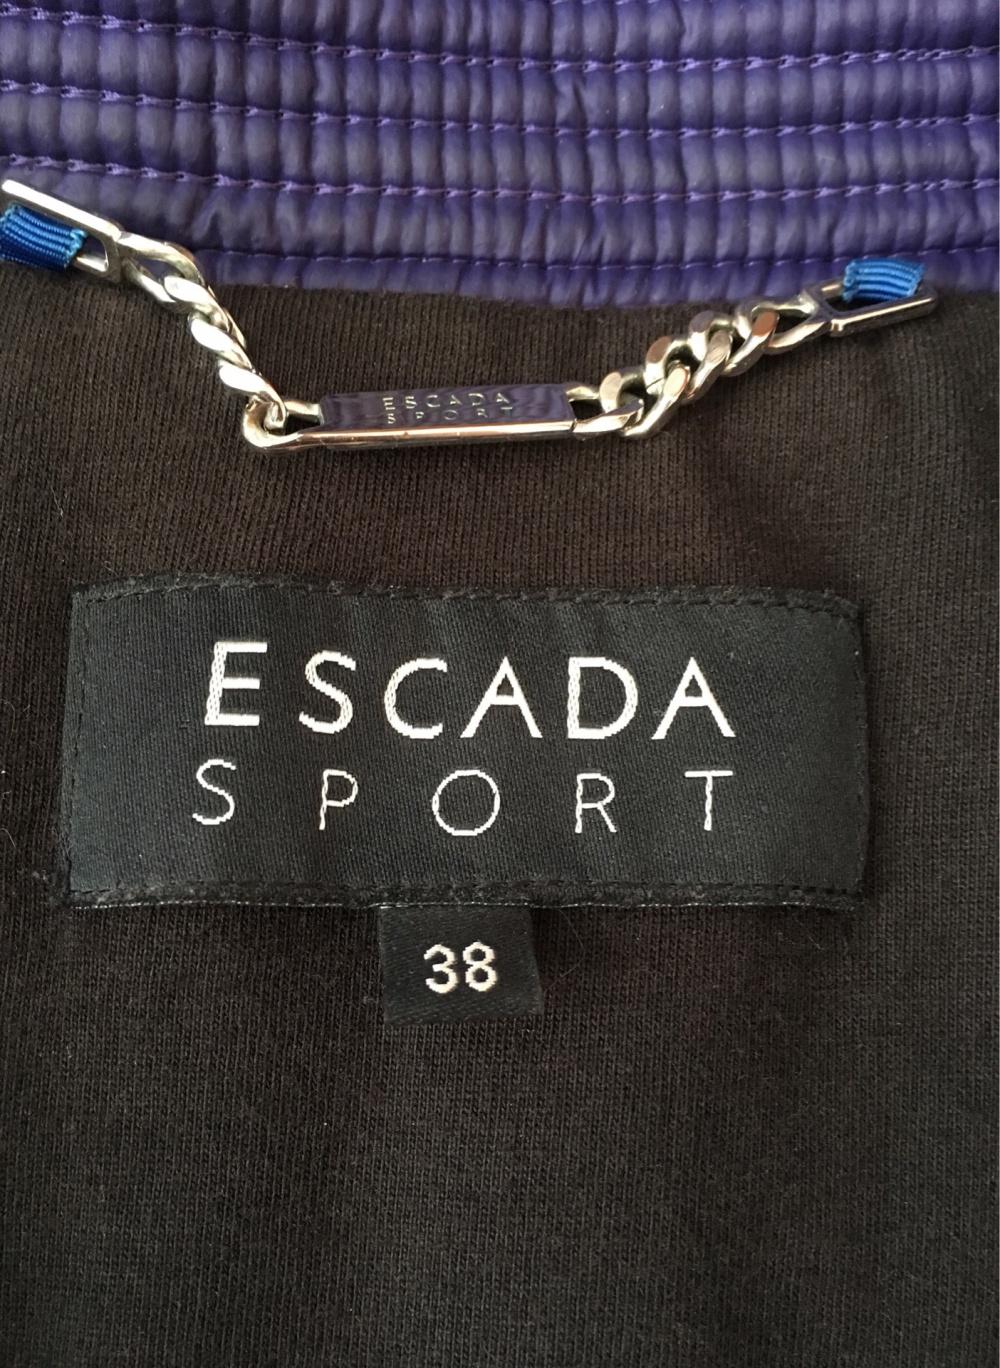 Пуховик Escada Sport, 44-46 размер